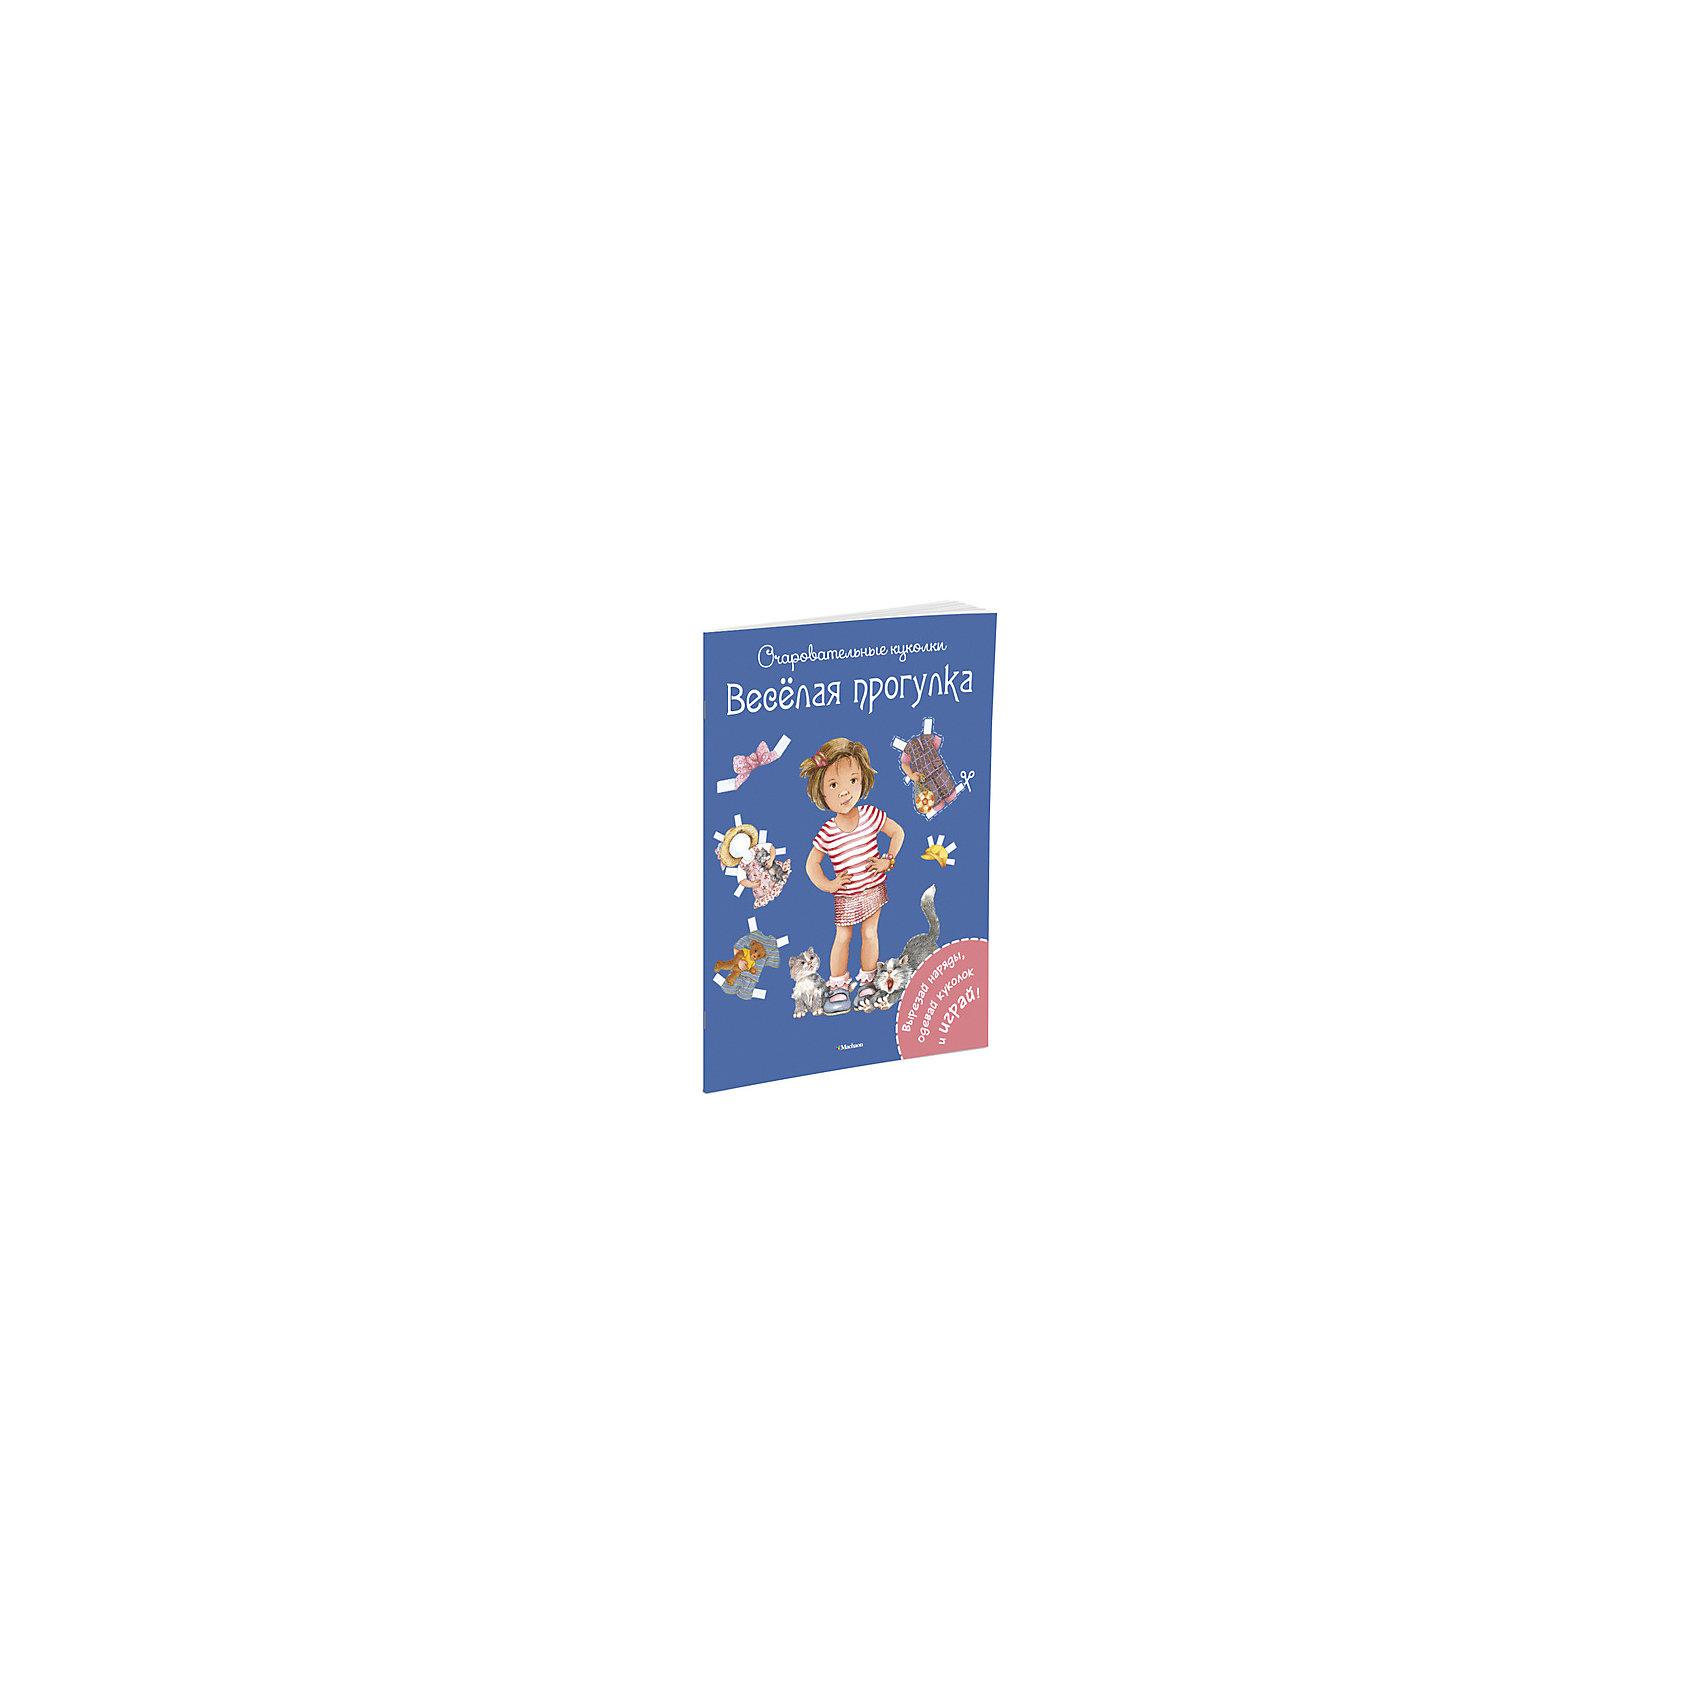 Книжка Весёлая прогулкаКниги для развития творческих навыков<br>Книжка Весёлая прогулка.<br><br>Характеристики:<br><br>• Автор иллюстраций: Коссманн Ренатэ<br>• Переводчик: Сенникова В.<br>• Издательство: Махаон, 2016 год<br>• Серия: Очаровательные куколки<br>• Тип обложки: мягкая<br>• Иллюстрации: цветные<br>• Количество страниц: 16<br>• Размер: 285x210x2 мм.<br>• Вес: 153 гр.<br>• ISBN: 9785389093171<br><br>Собраться на прогулку не так уж и просто. Нужно решить, какую игрушку взять с собой, а какую оставить дома, не забыть положить в сумку лакомства для своего питомца и, главное, определиться с нарядом! Вырежи фигурки ребят, а также игрушки и одежду и создавай им разные образы. С этой книжкой ваш ребёнок не просто интересно проведёт время, но и разовьёт мелкую моторику, художественный вкус и воображение.<br><br>Книжку Весёлая прогулка можно купить в нашем интернет-магазине.<br><br>Ширина мм: 285<br>Глубина мм: 210<br>Высота мм: 20<br>Вес г: 153<br>Возраст от месяцев: 36<br>Возраст до месяцев: 72<br>Пол: Женский<br>Возраст: Детский<br>SKU: 5493482